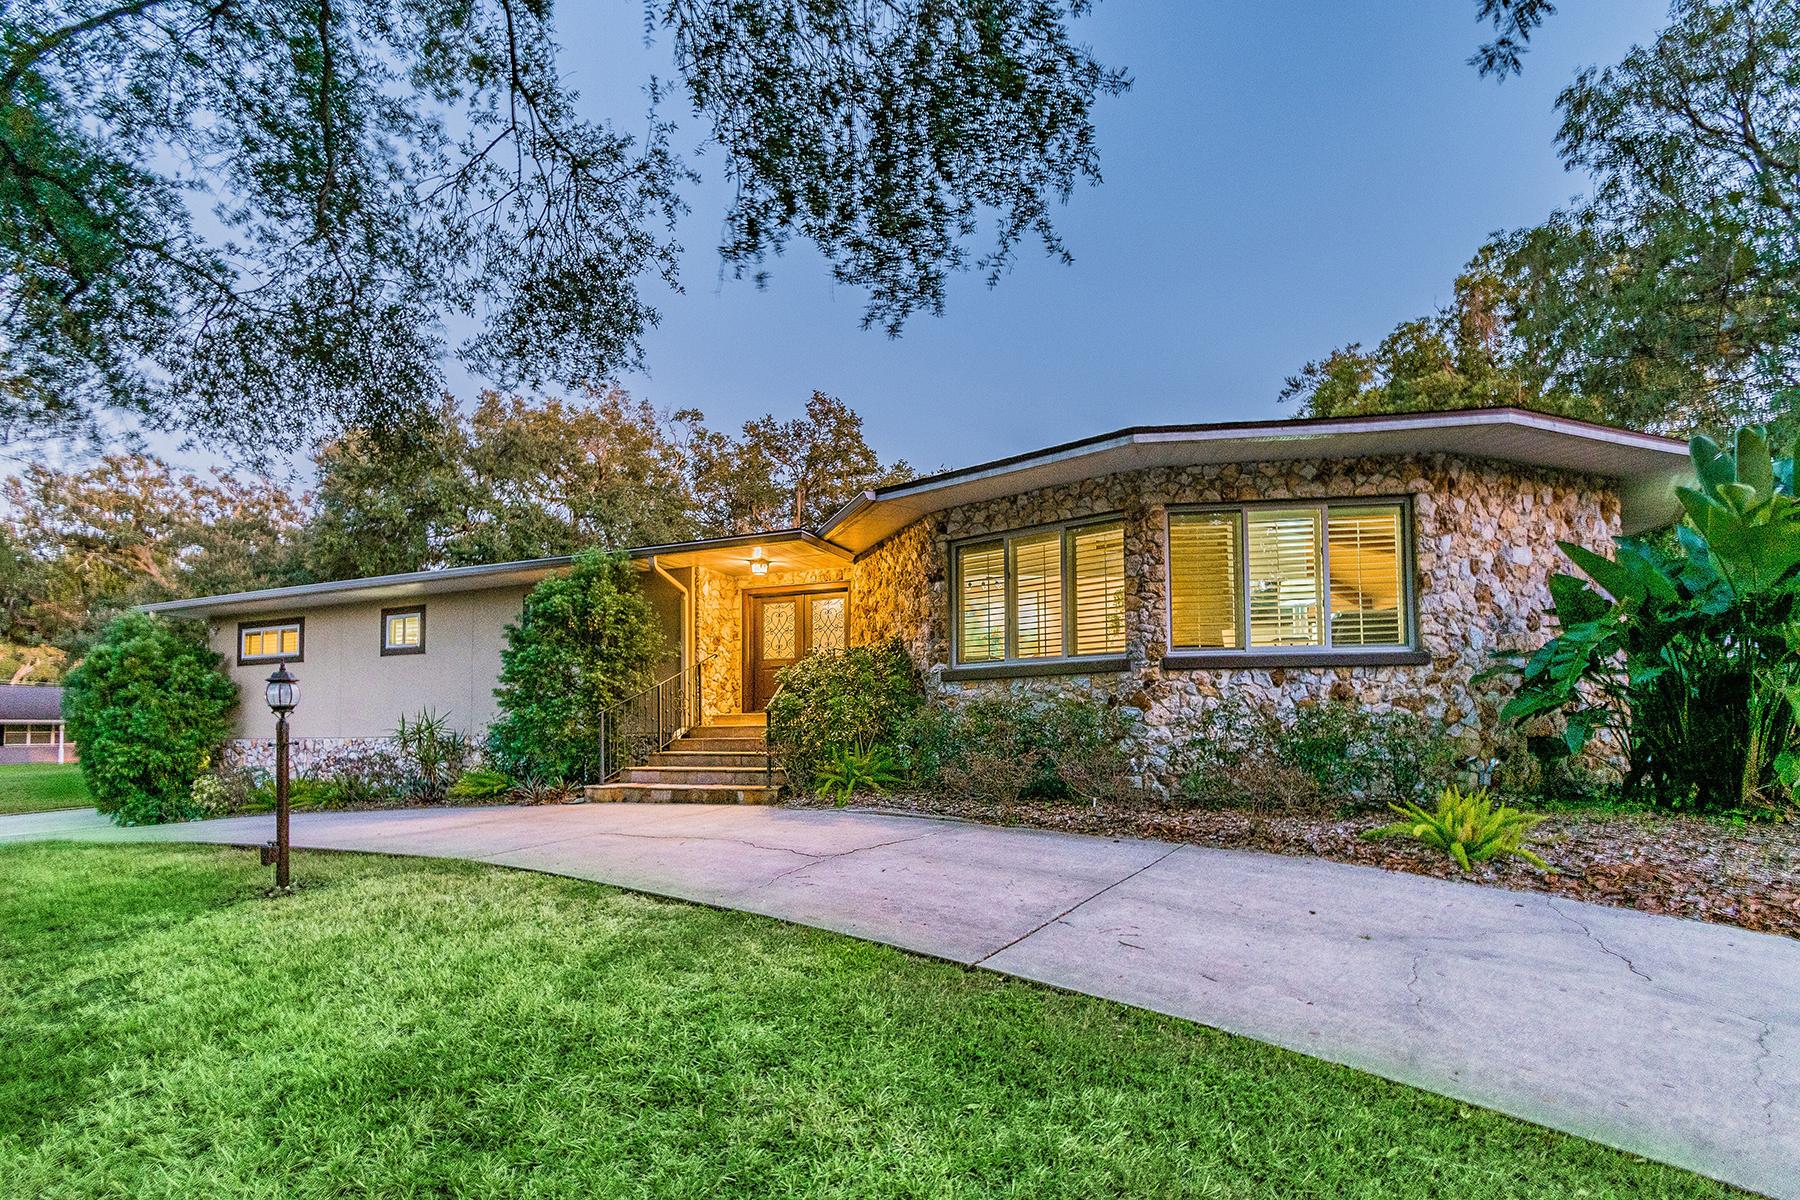 Single Family Homes için Satış at MAITLAND 900 Old Horatio Ave, Maitland, Florida 32751 Amerika Birleşik Devletleri